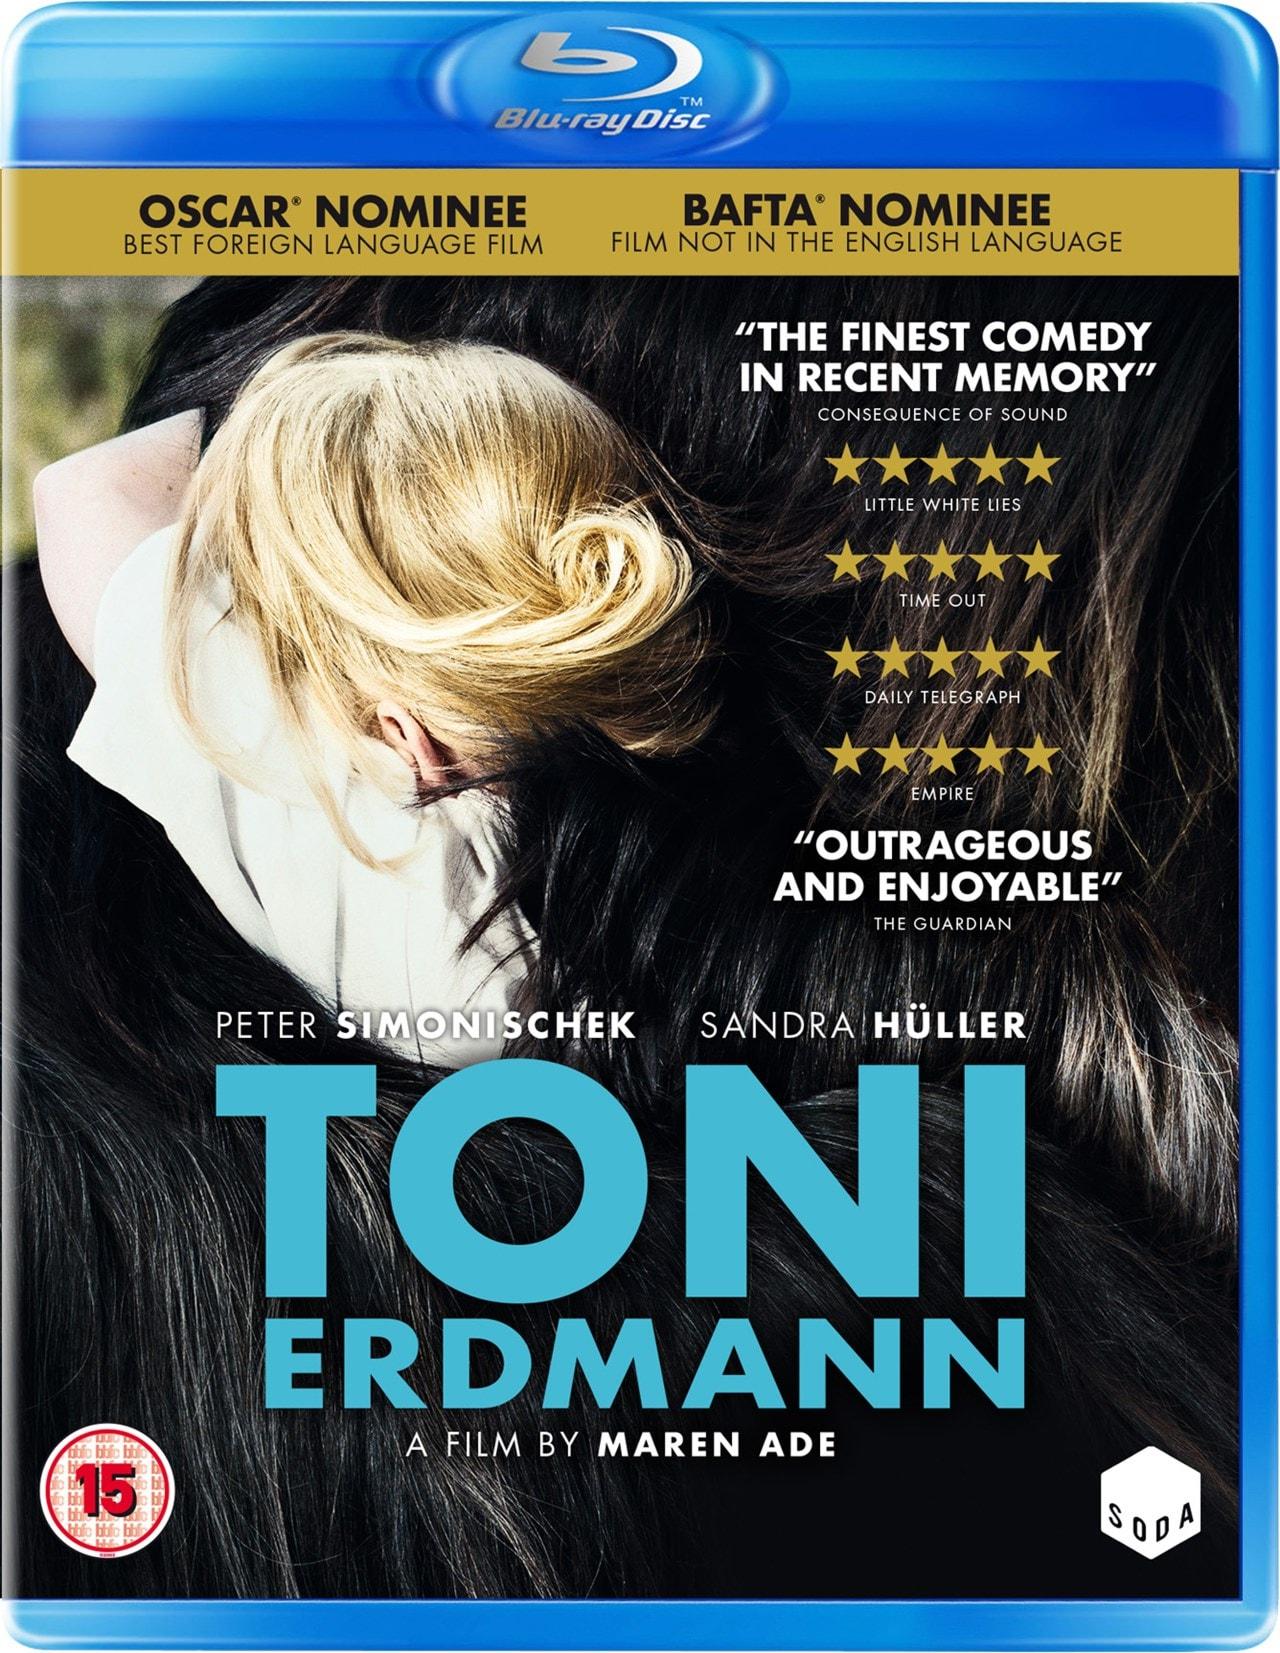 Toni Erdmann DVD Release Date   Redbox, Netflix, iTunes